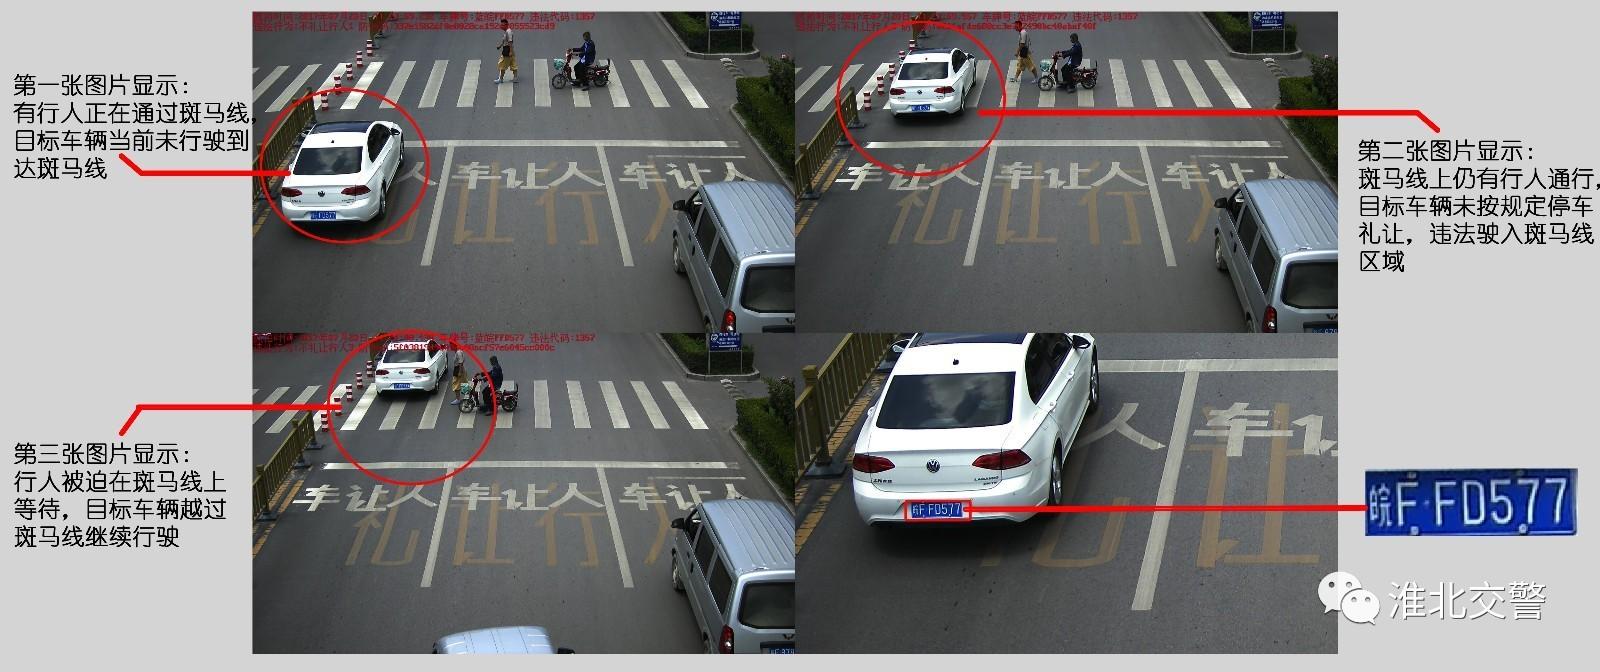 淮北市启动机动车不礼让行人抓拍系统 - 长天秋水2 - 长天秋水 的博客